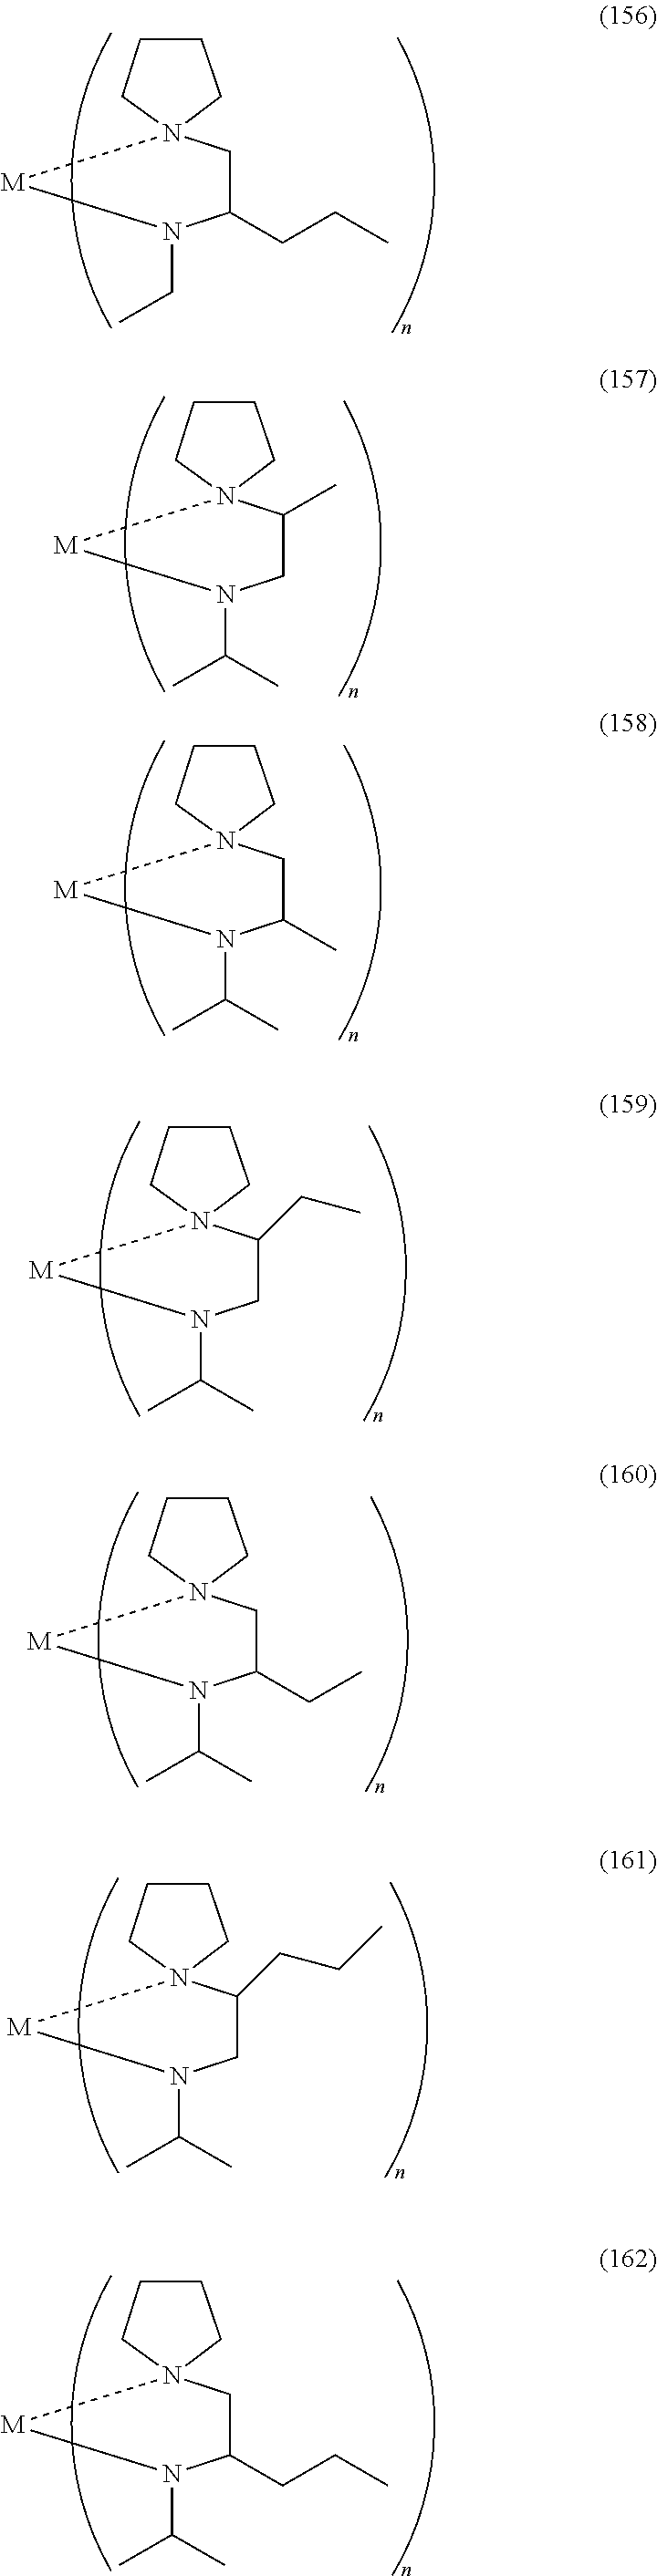 Figure US08871304-20141028-C00036